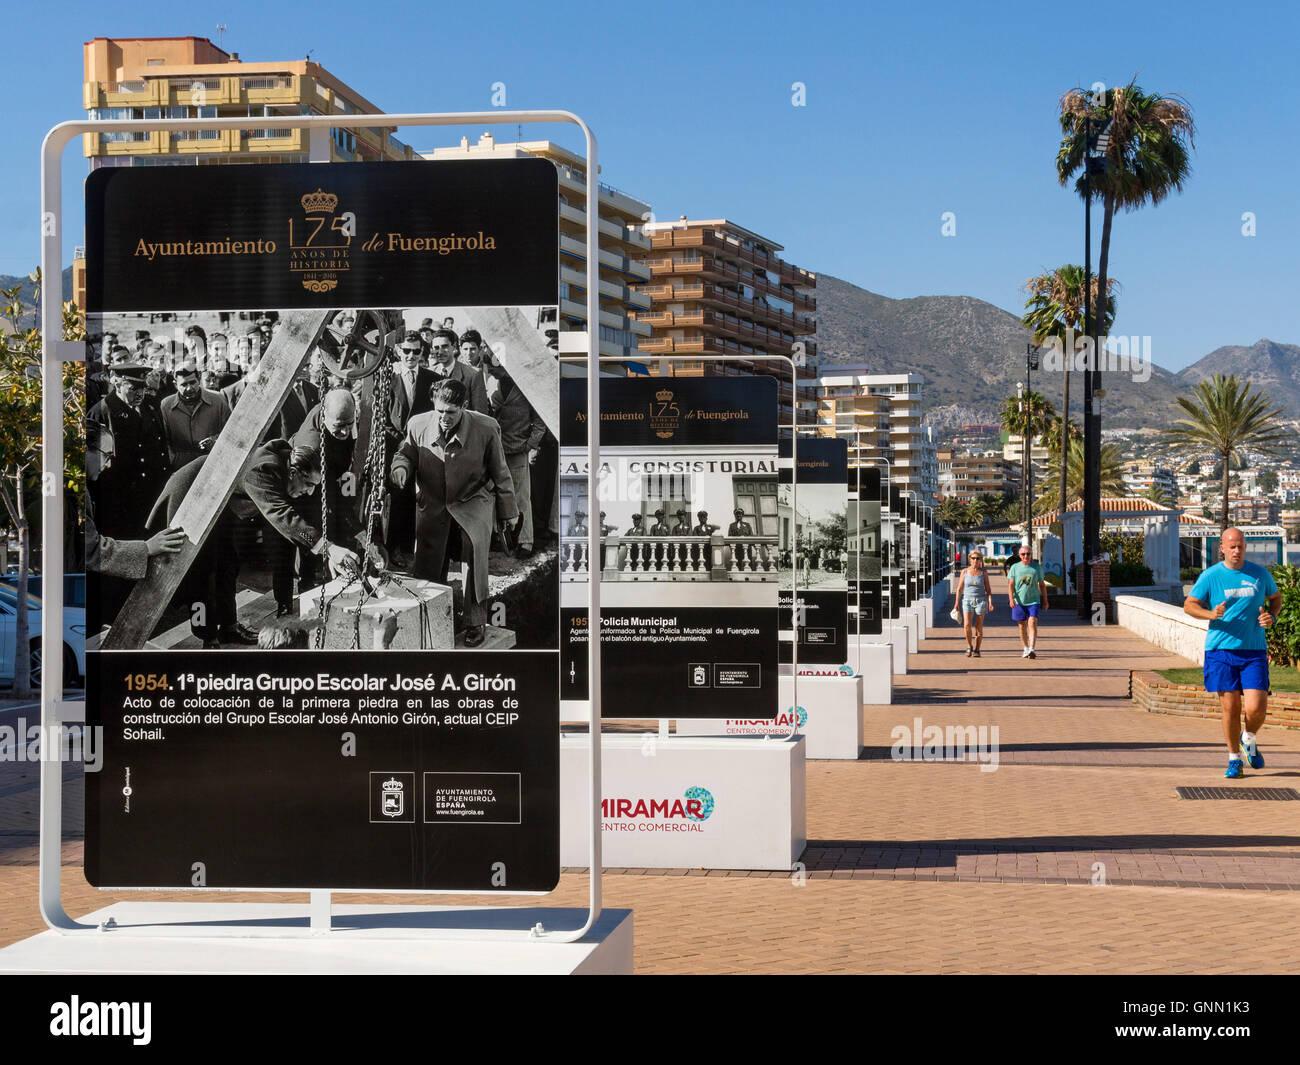 Ausstellung alter Fotografien auf der Promenade. Fuengirola, Provinz Malaga Costa del Sol Andalusien Süd, Spanien Stockbild